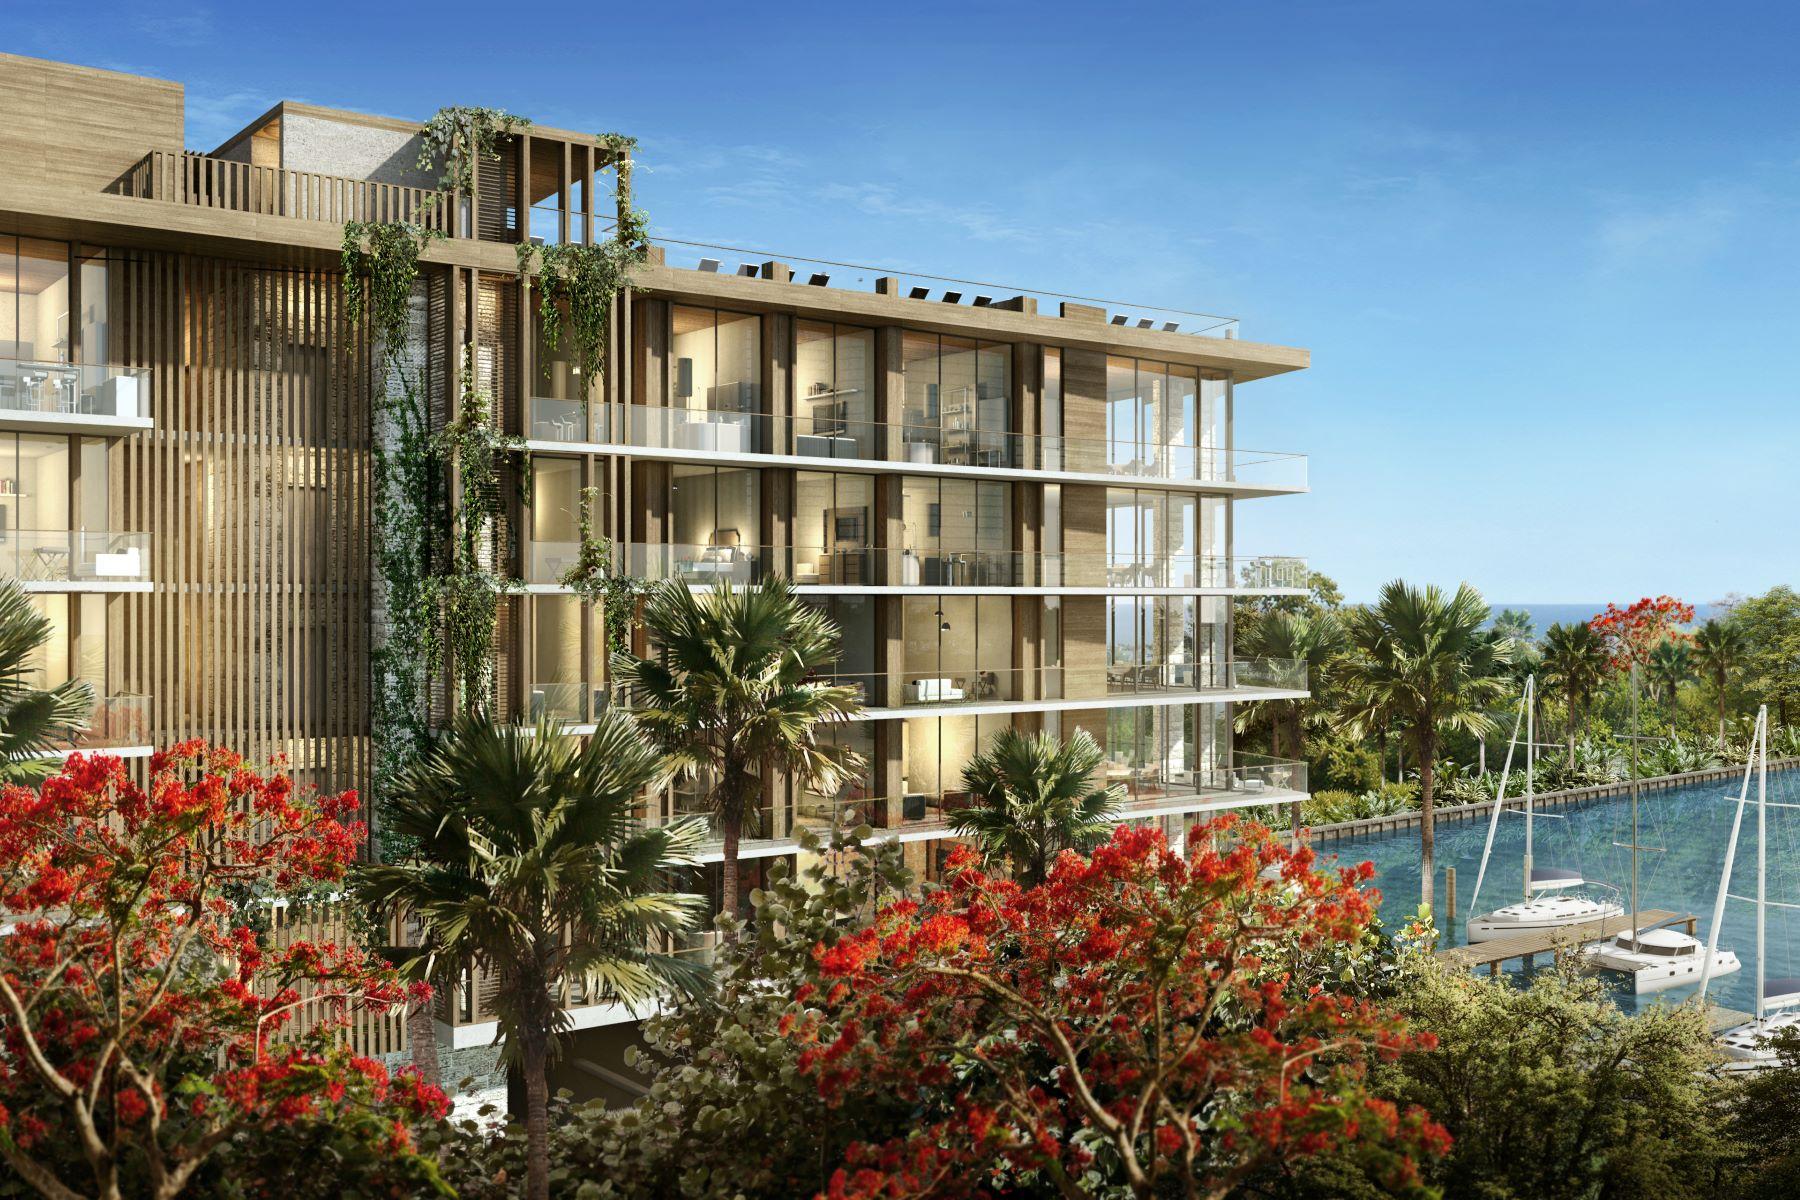 شقة بعمارة للـ Sale في 3581 E Glencoe Street 3581 E Glencoe Street 208 Coconut Grove, Florida 33133 United States